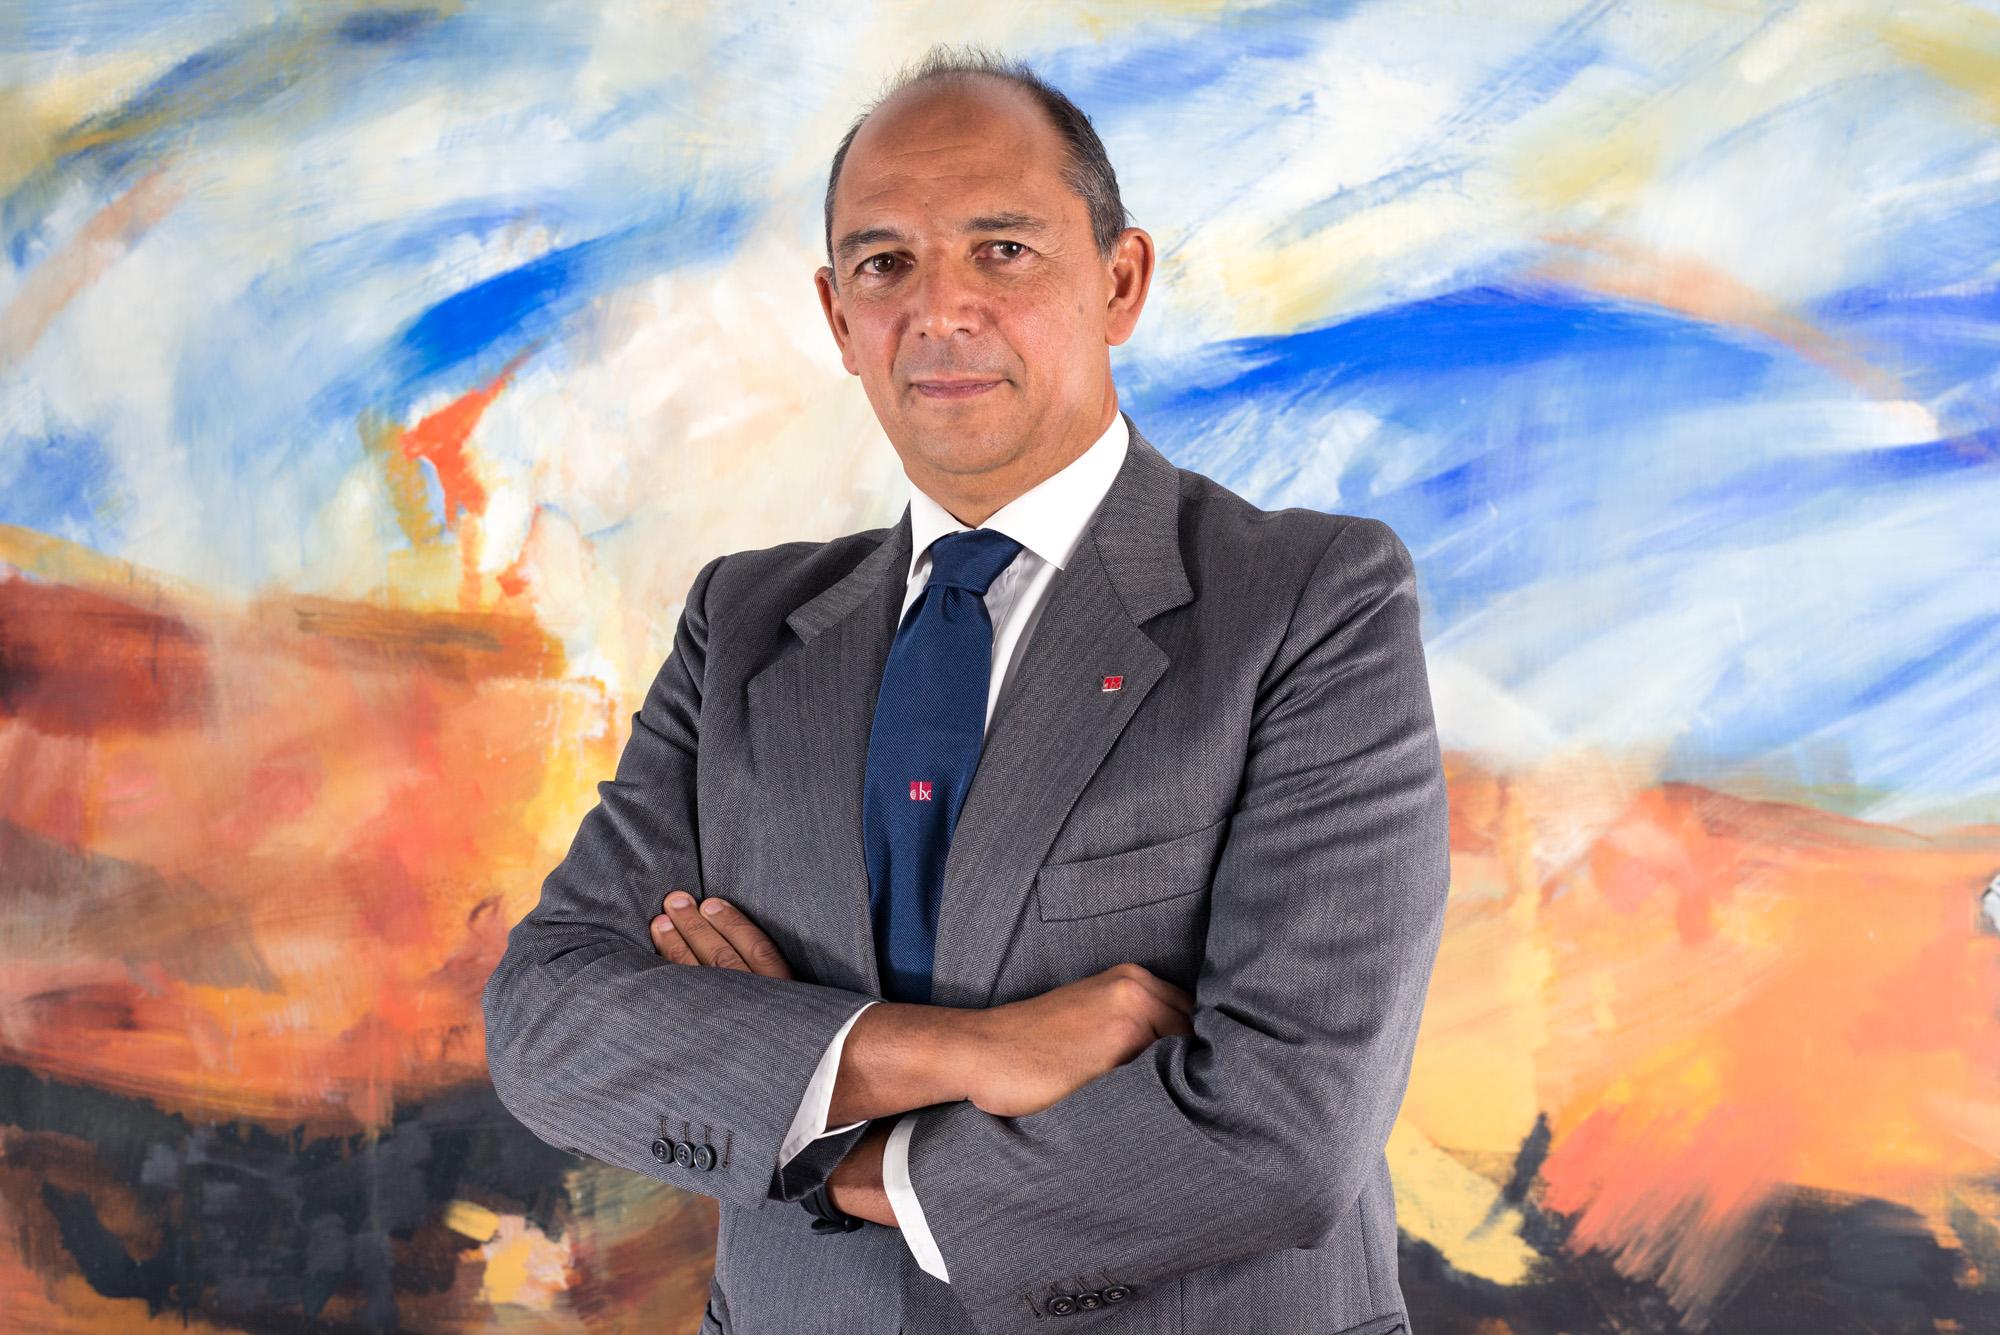 Giovanni Pala